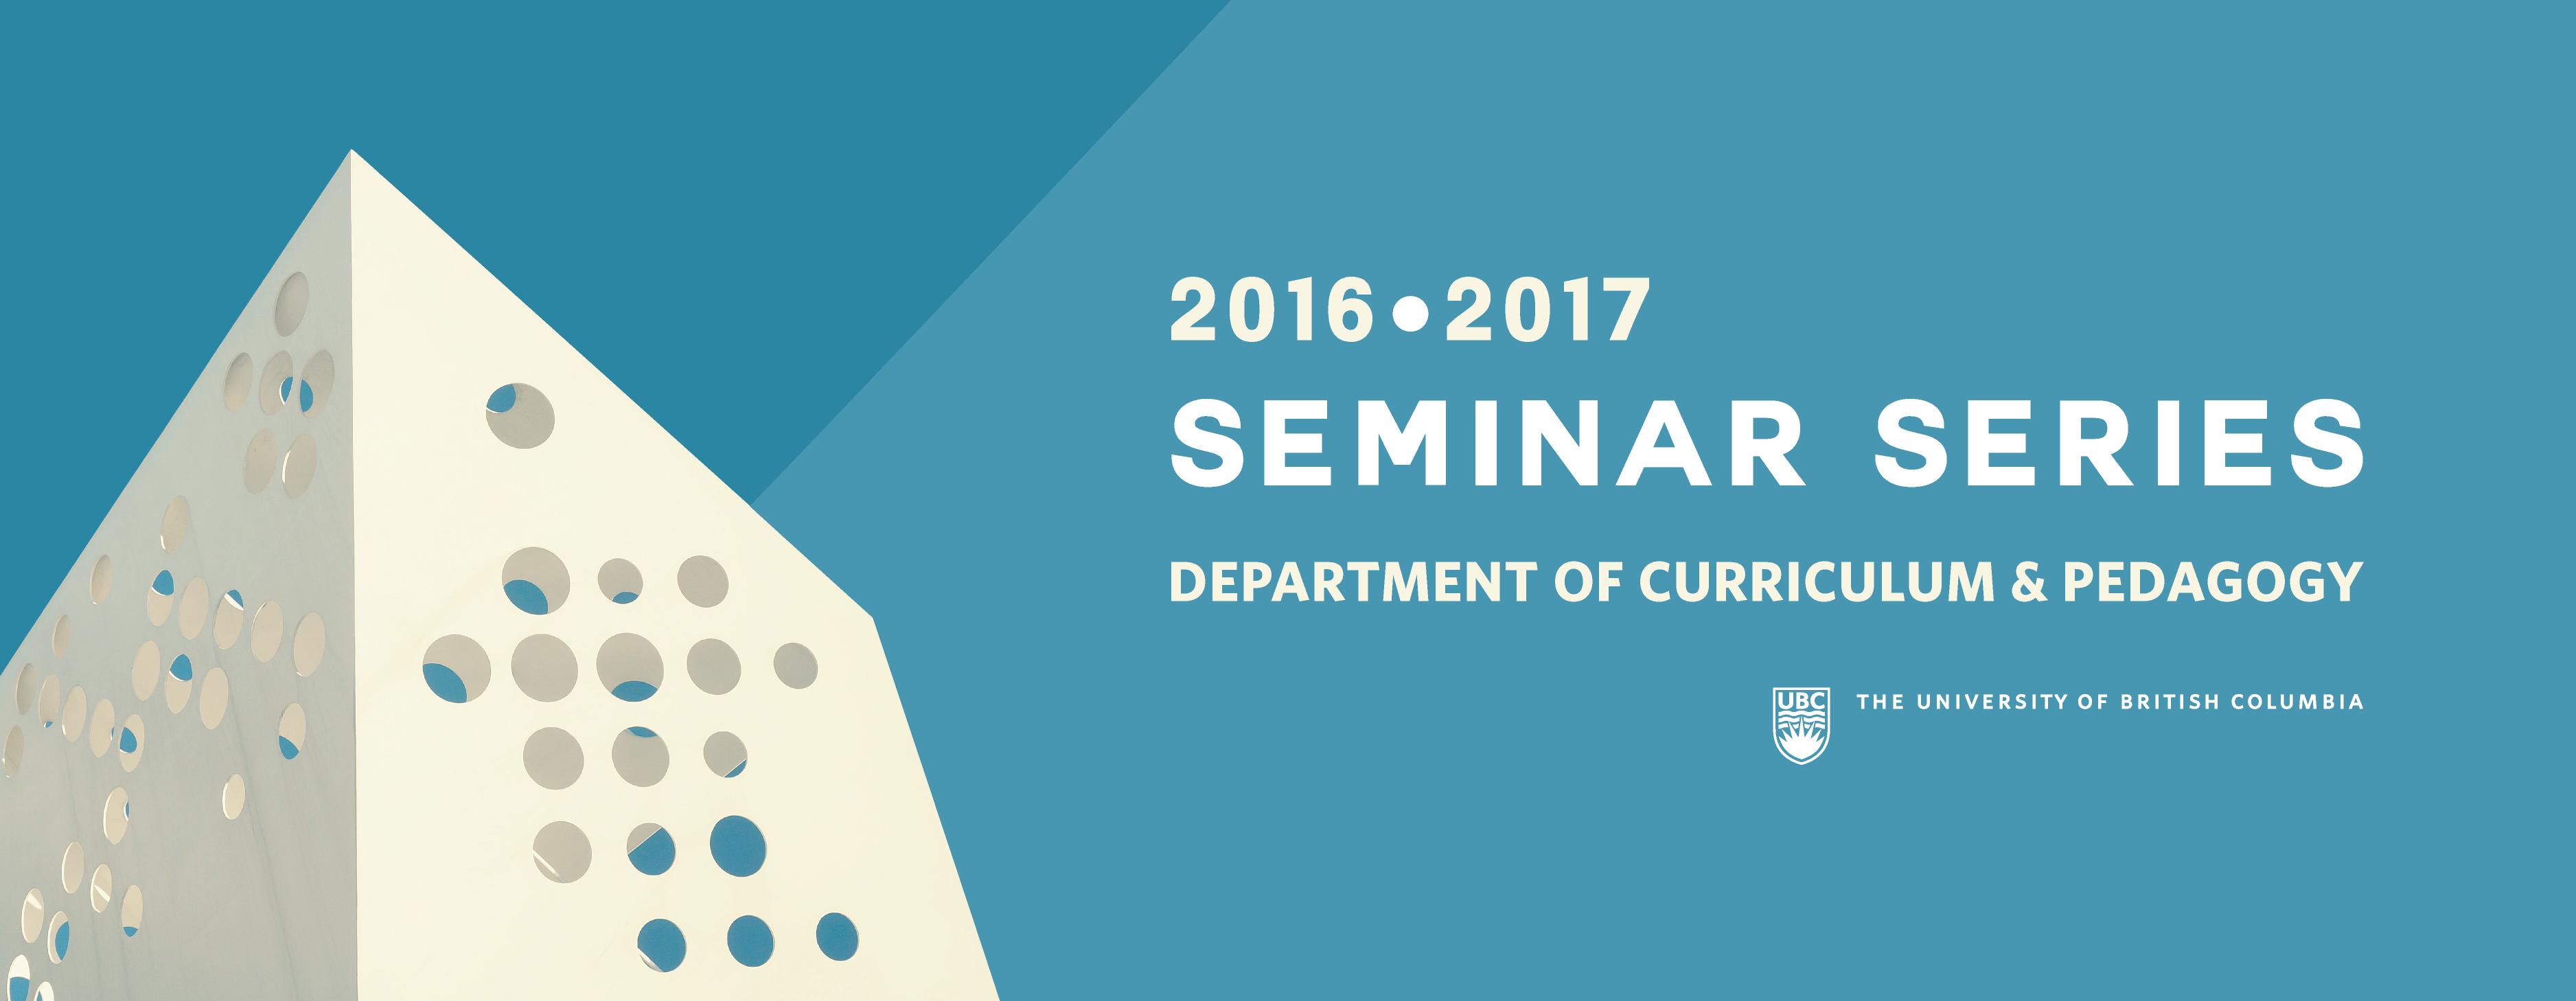 2016-2017-seminar-web-banner